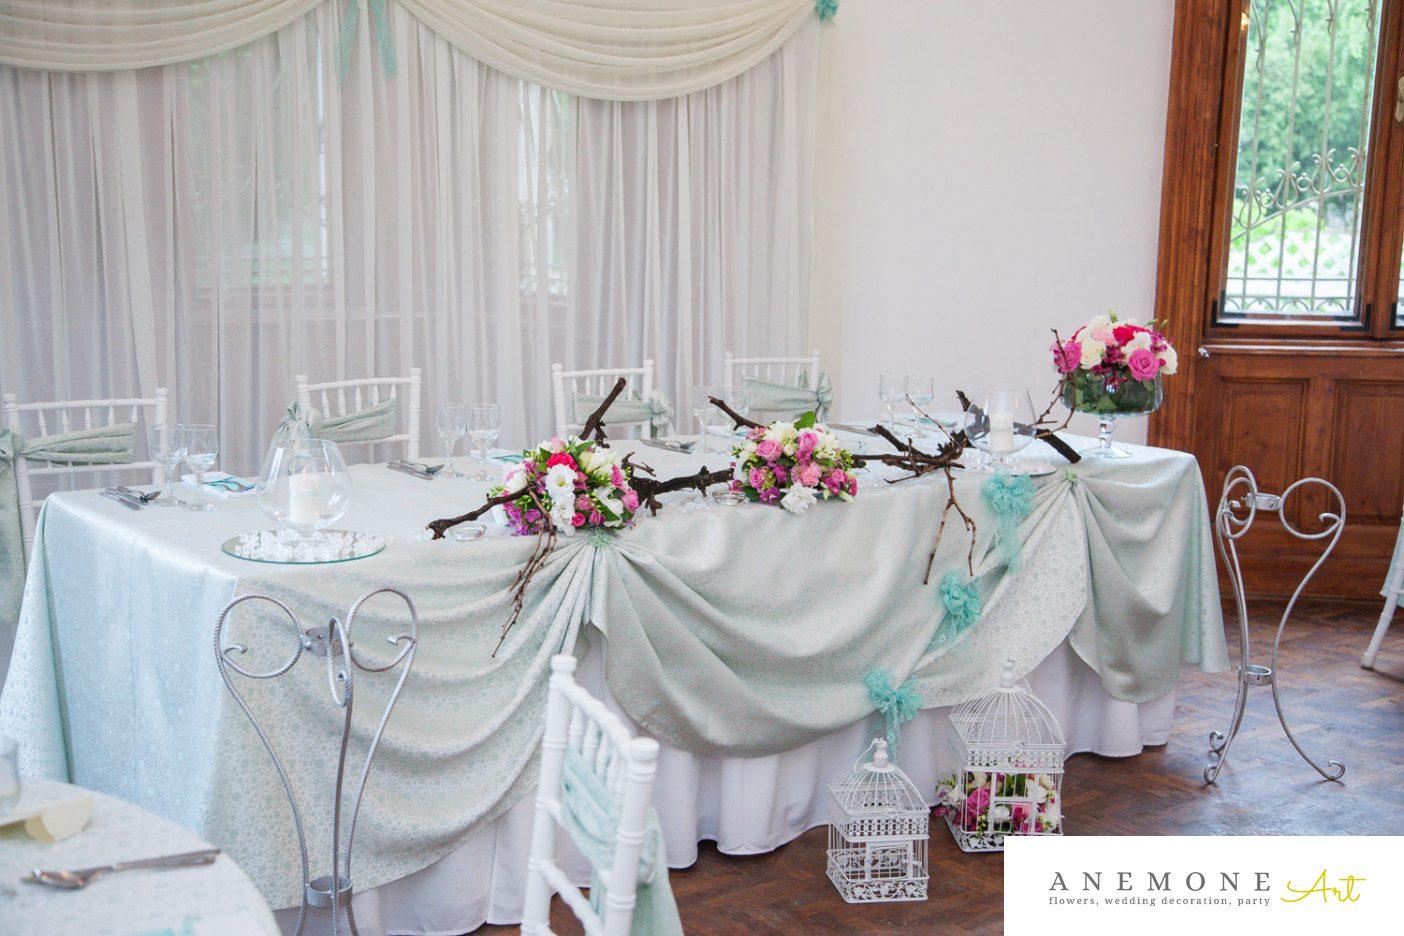 Poza, foto cu Flori de nunta colivie, crengi, prezidiu, roz, ticlam in Arad, Timisoara, Oradea (wedding flowers, bouquets) nunta Arad, Timisoara, Oradea